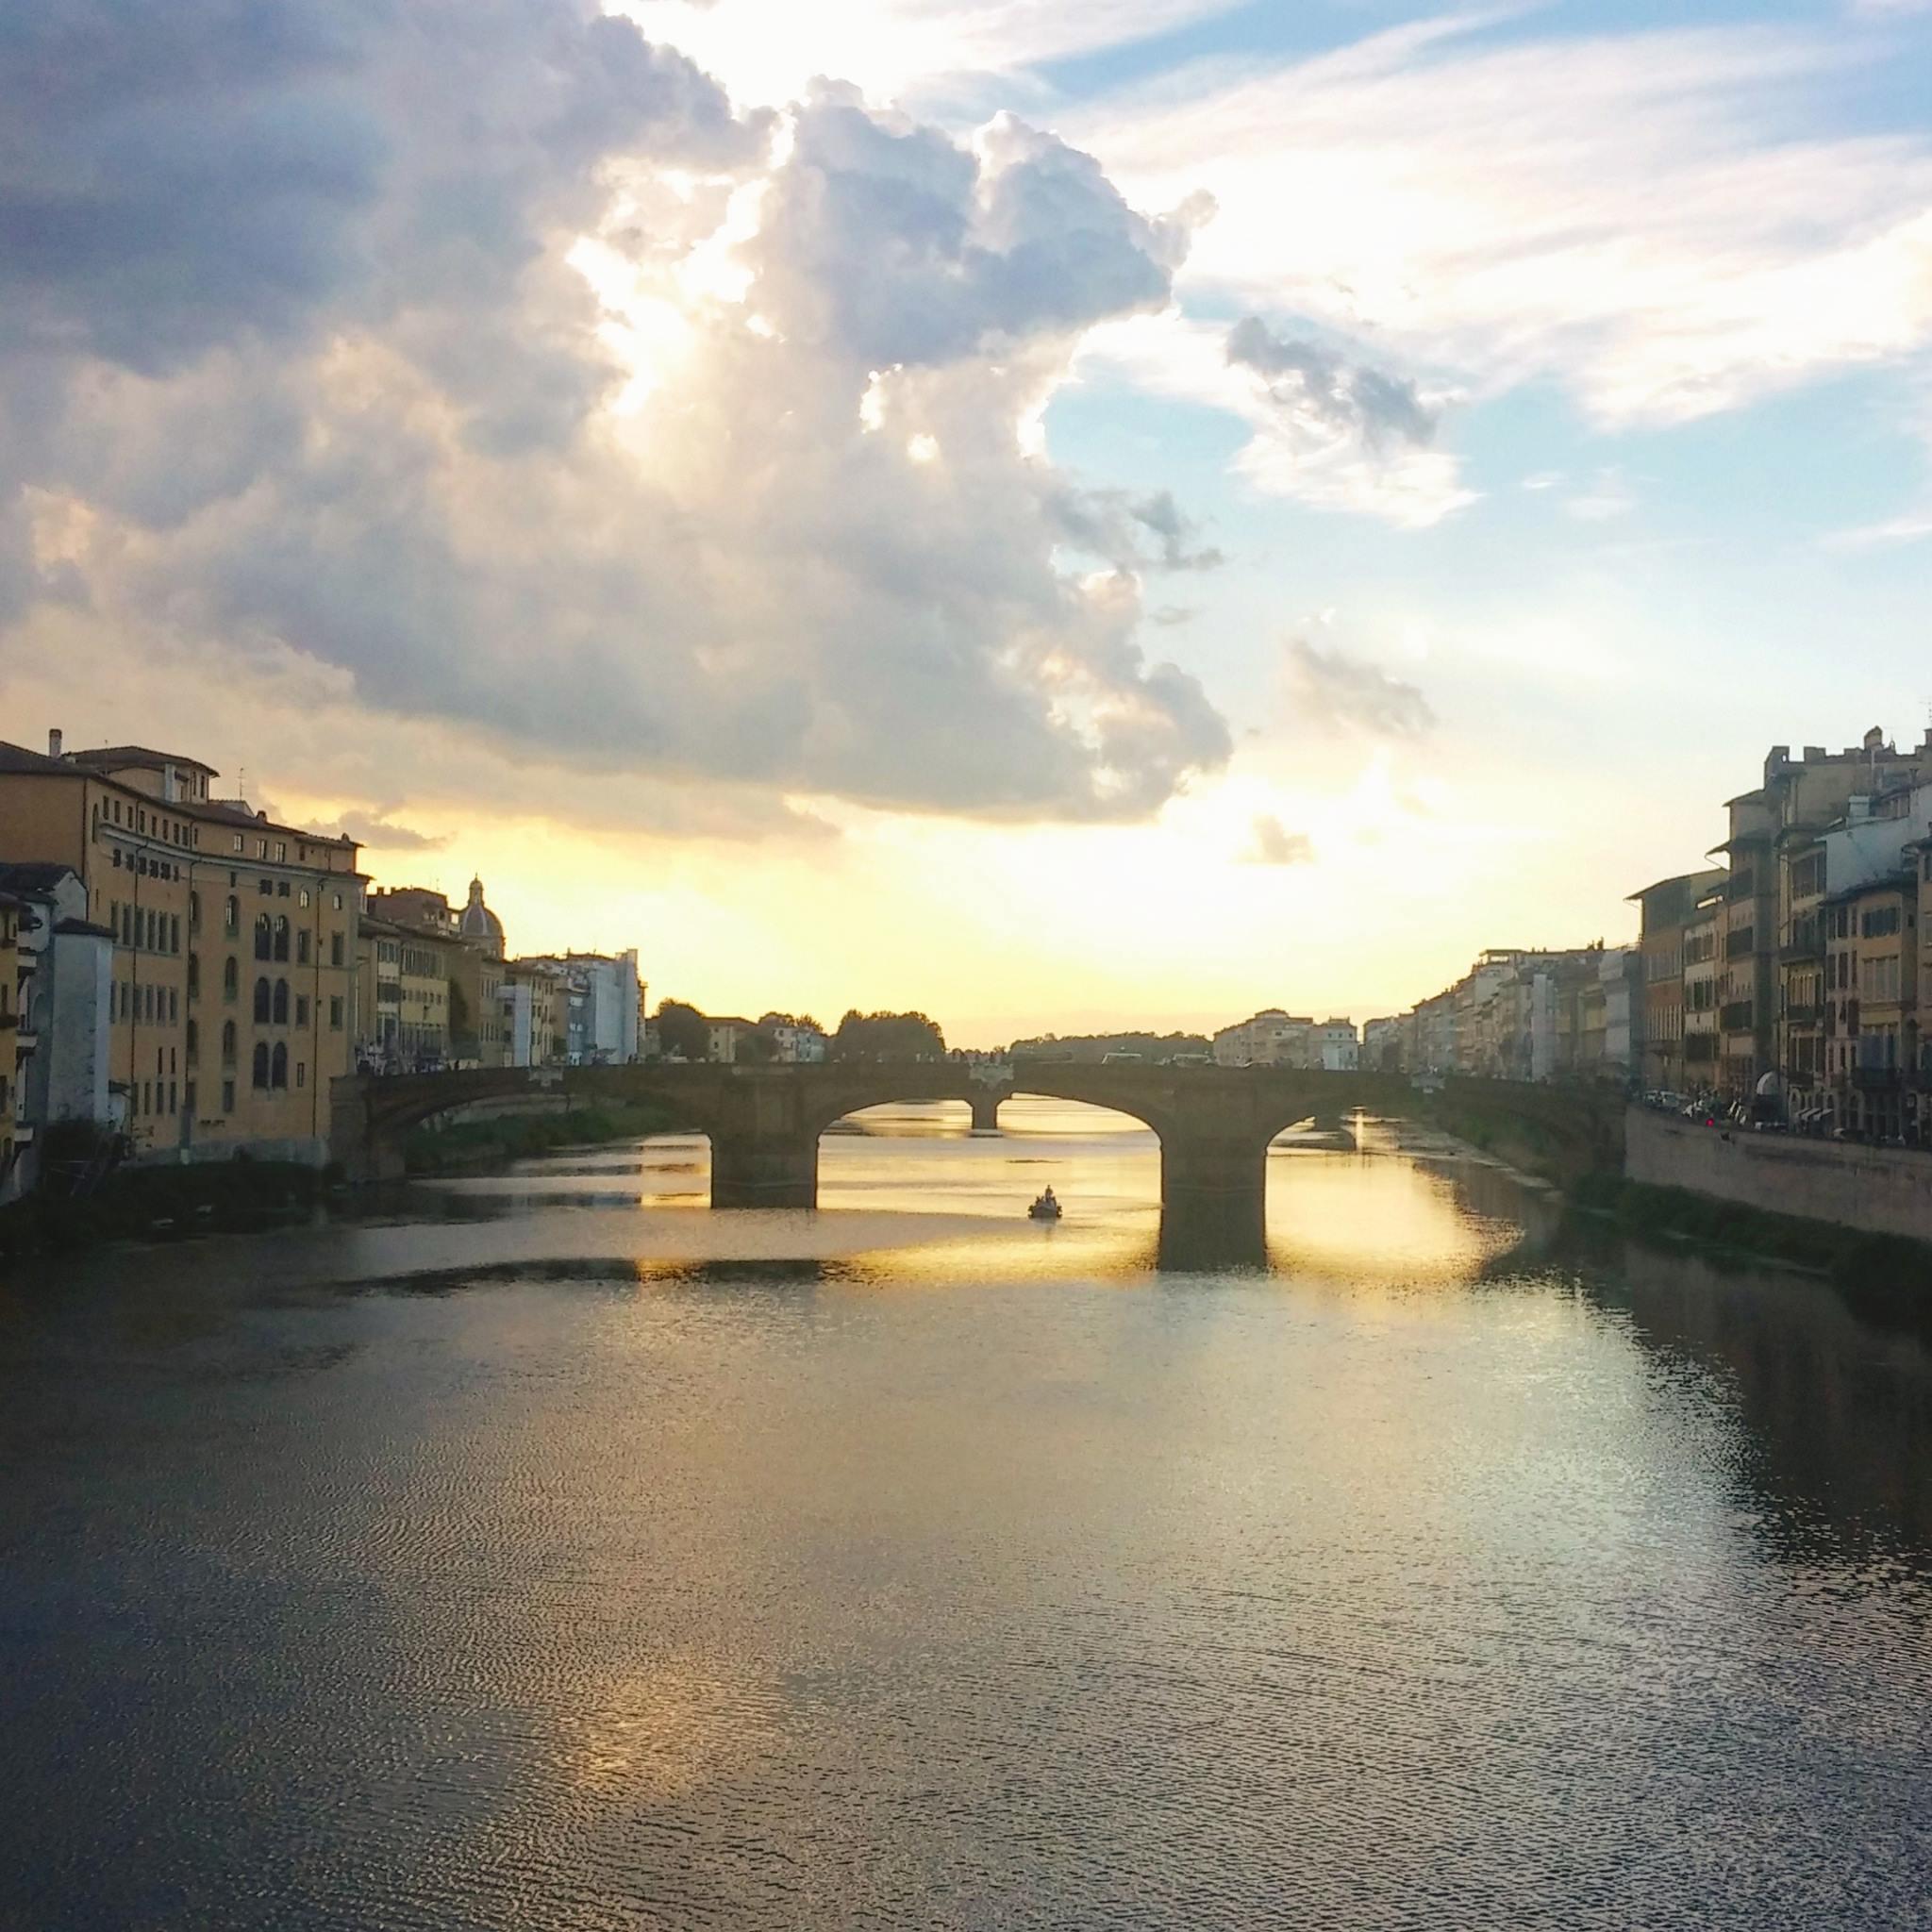 שקיעה בפירנצה